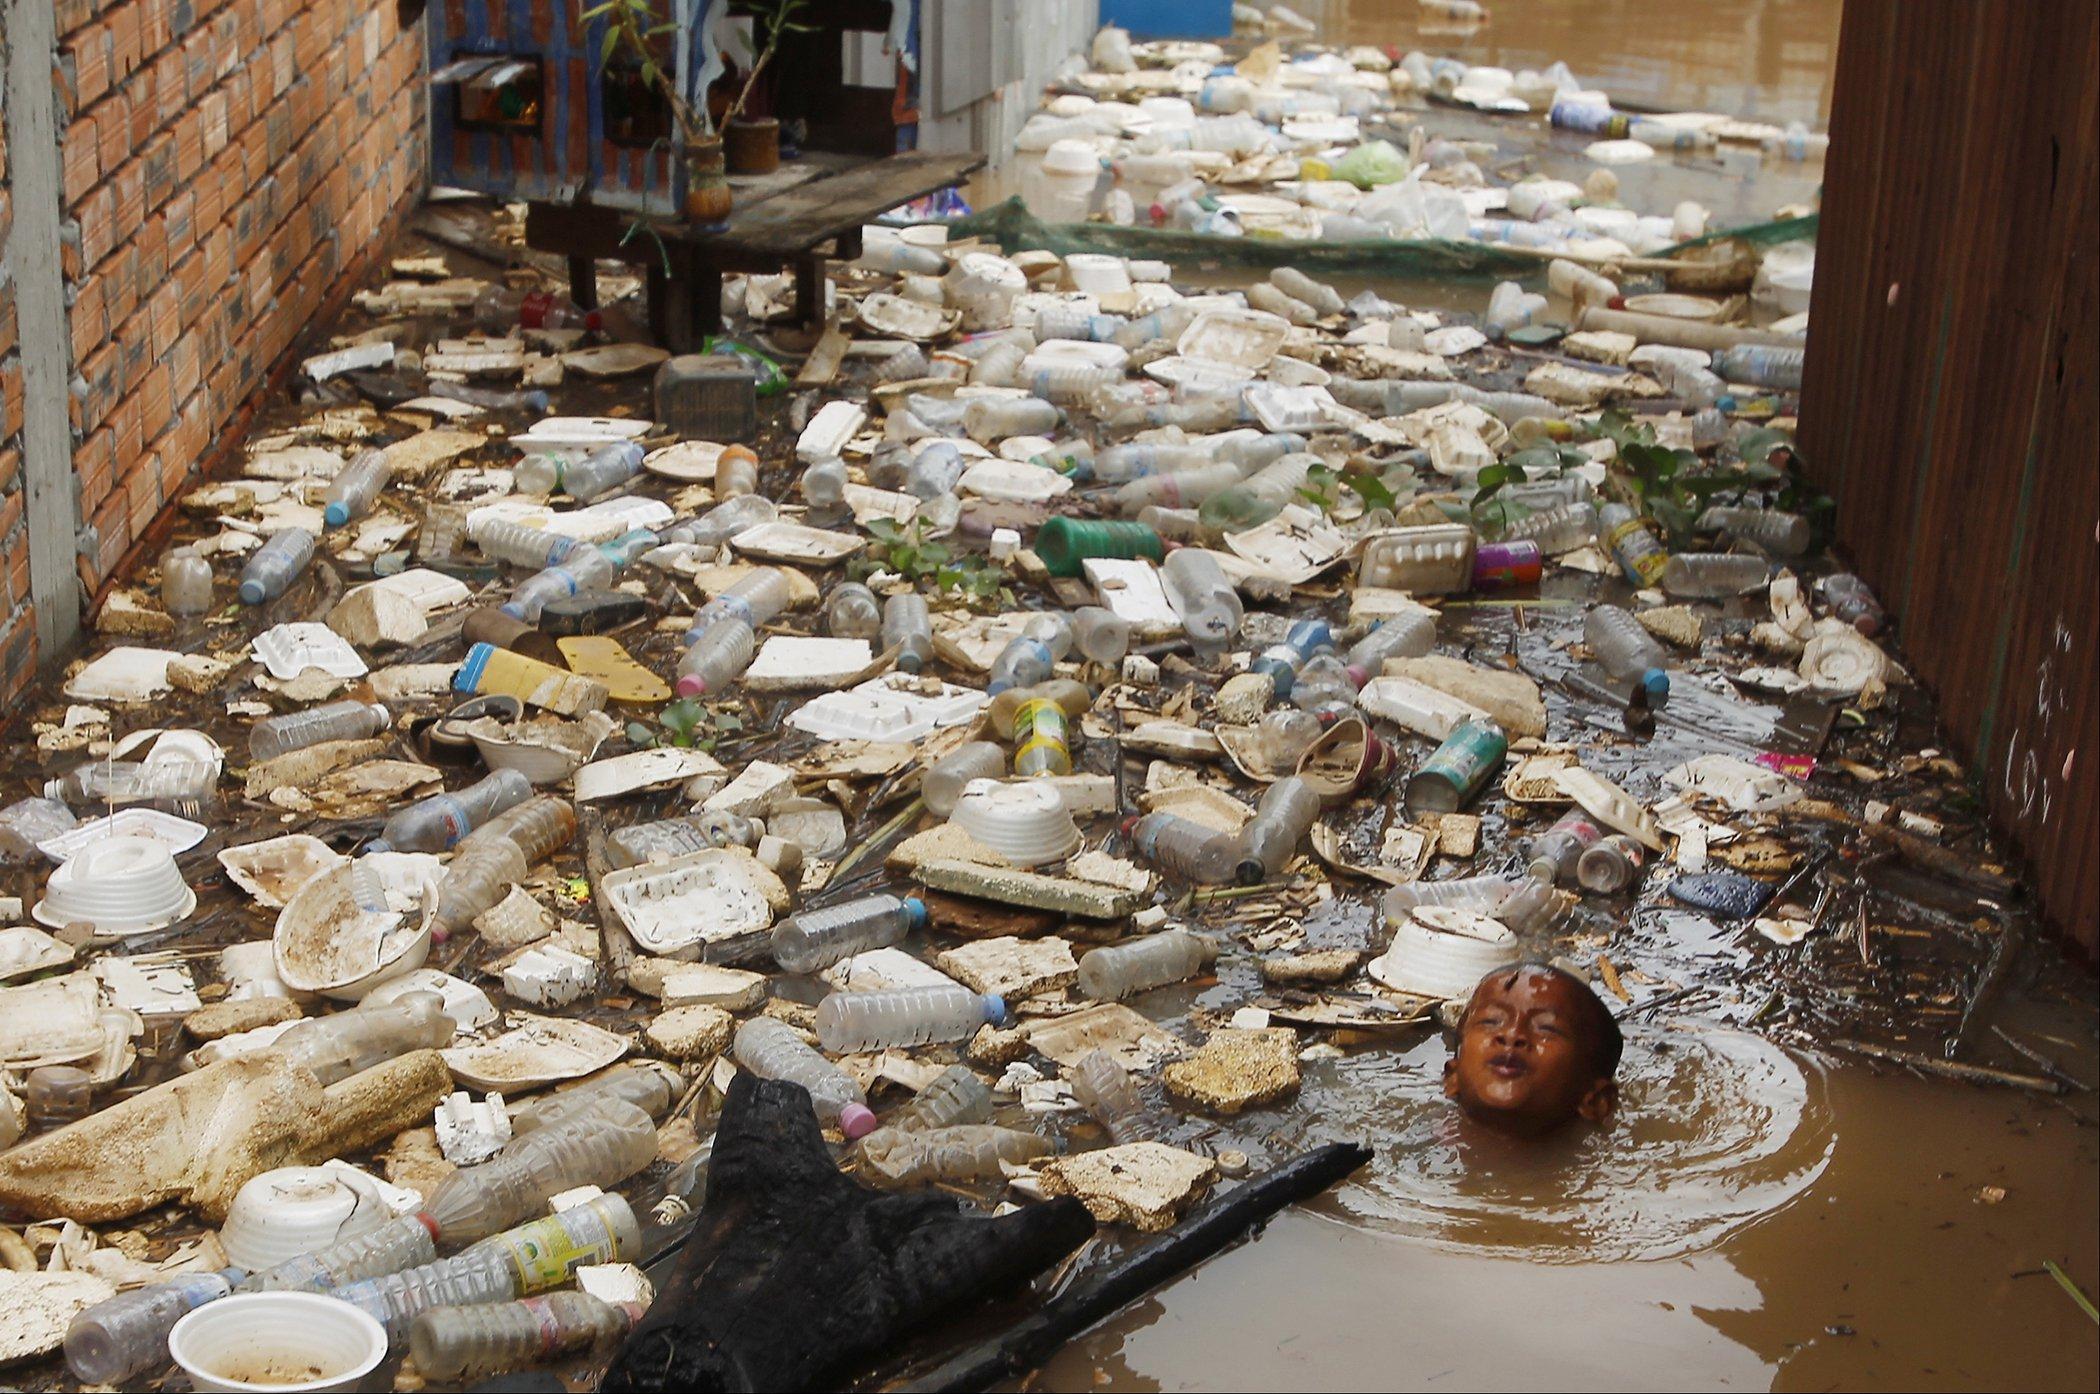 Environmental-Photos-August-Bangladesh-Pollution.jpg